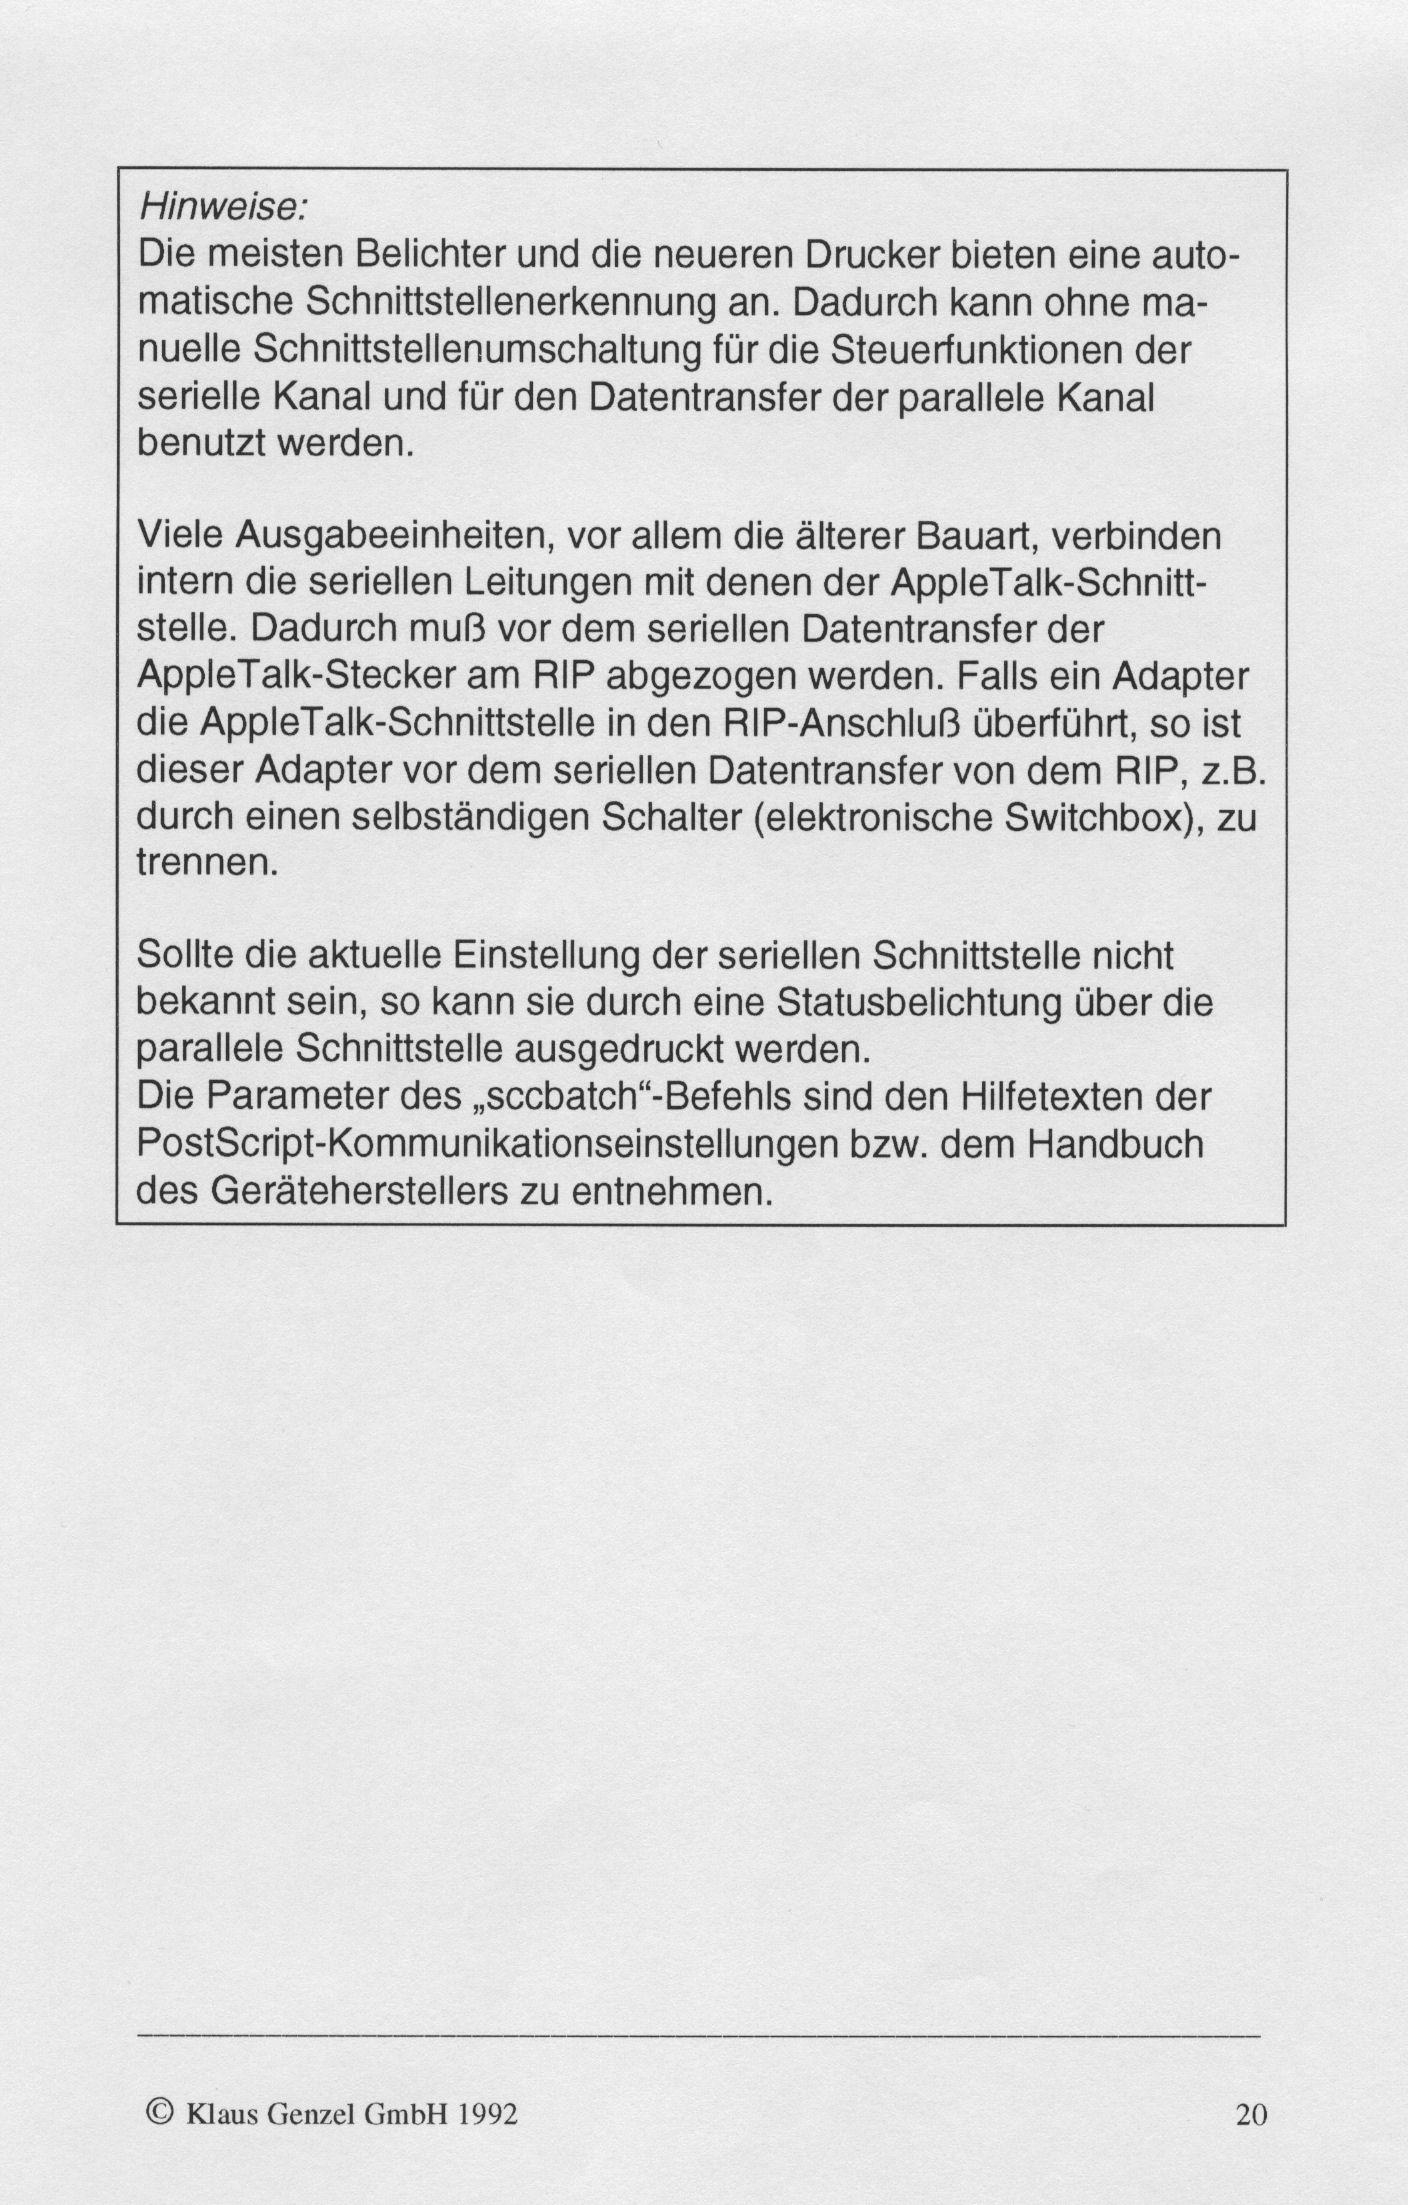 Niedlich Benutzerhandbuch Manuelle Vorlage Bilder ...